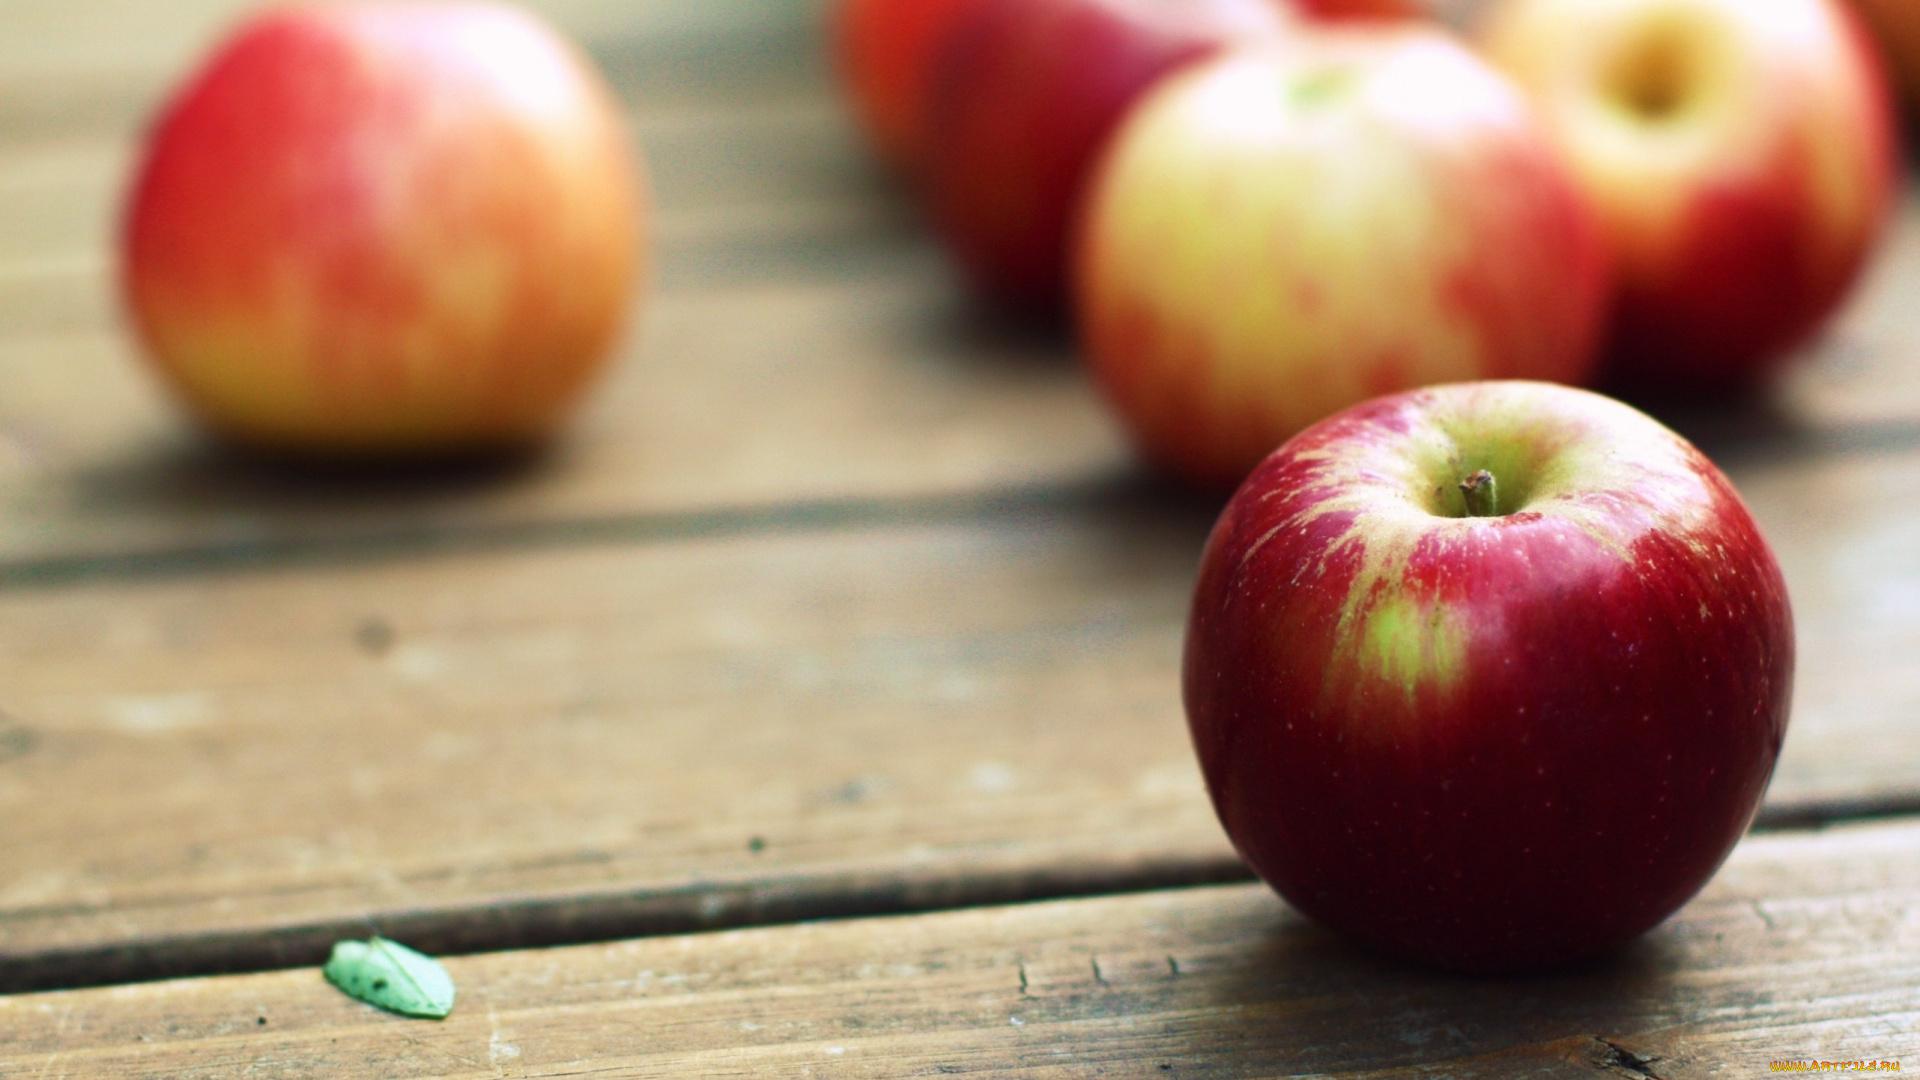 Признание на яблоке без смс